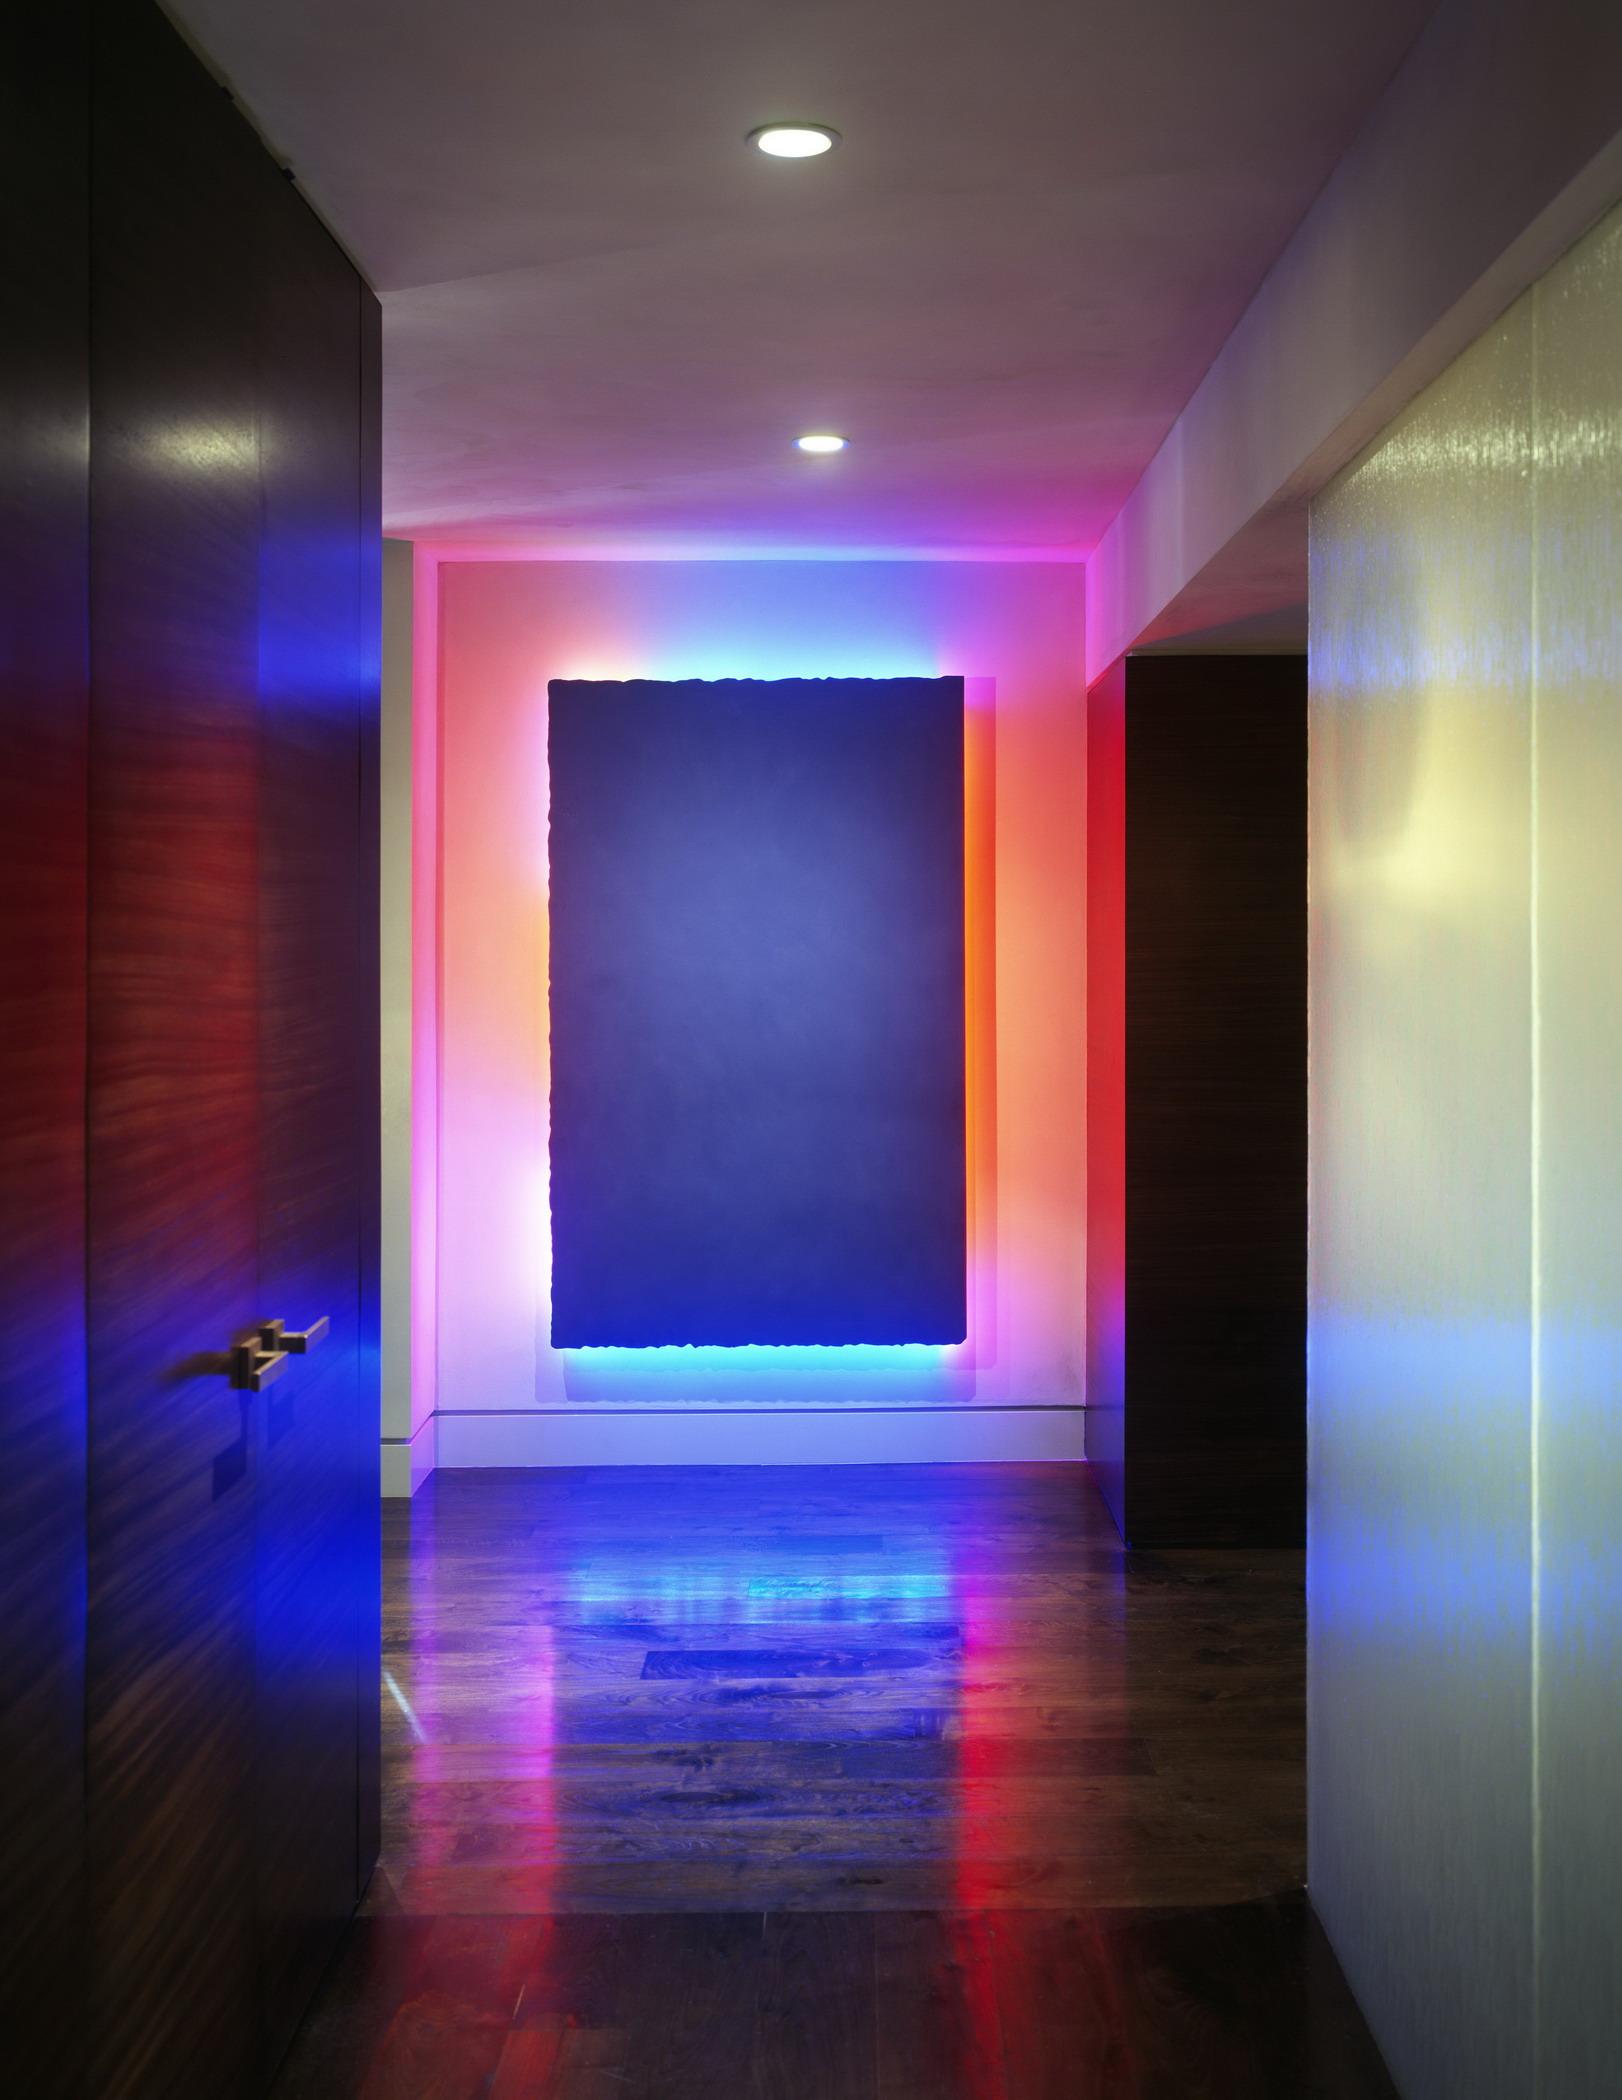 01 Gallery, looking toward Neon art.jpg